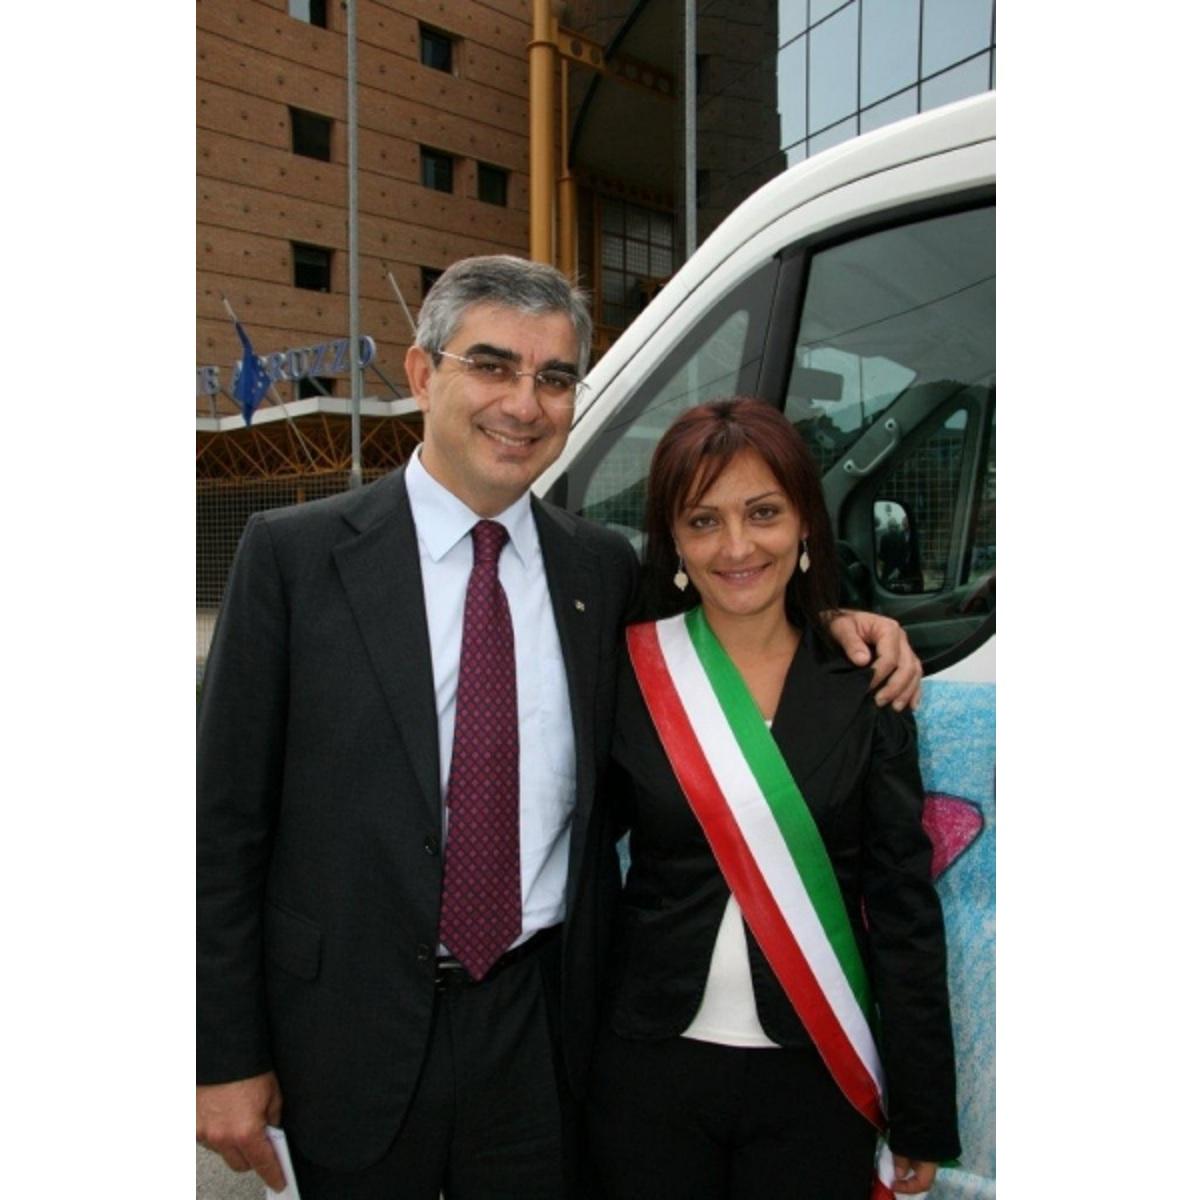 Lettopalena intervista al Sindaco dr.ssa Carolina De Vitis foto